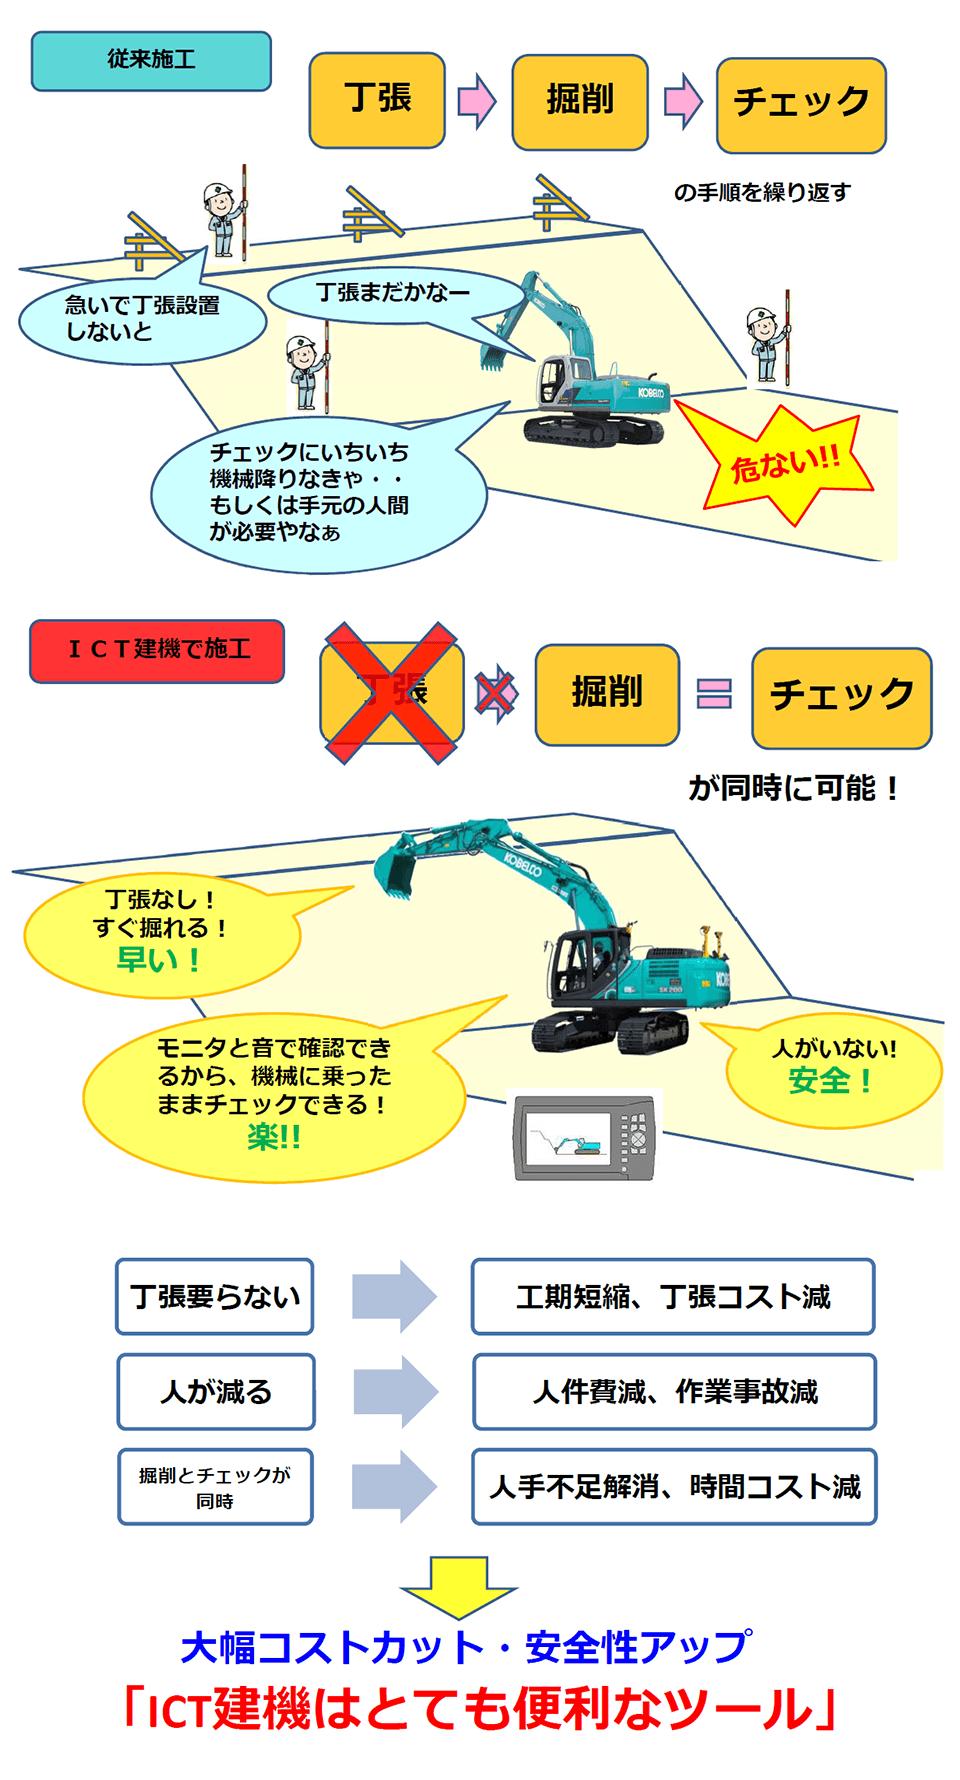 従来施工との比較・ICT建機のメリット